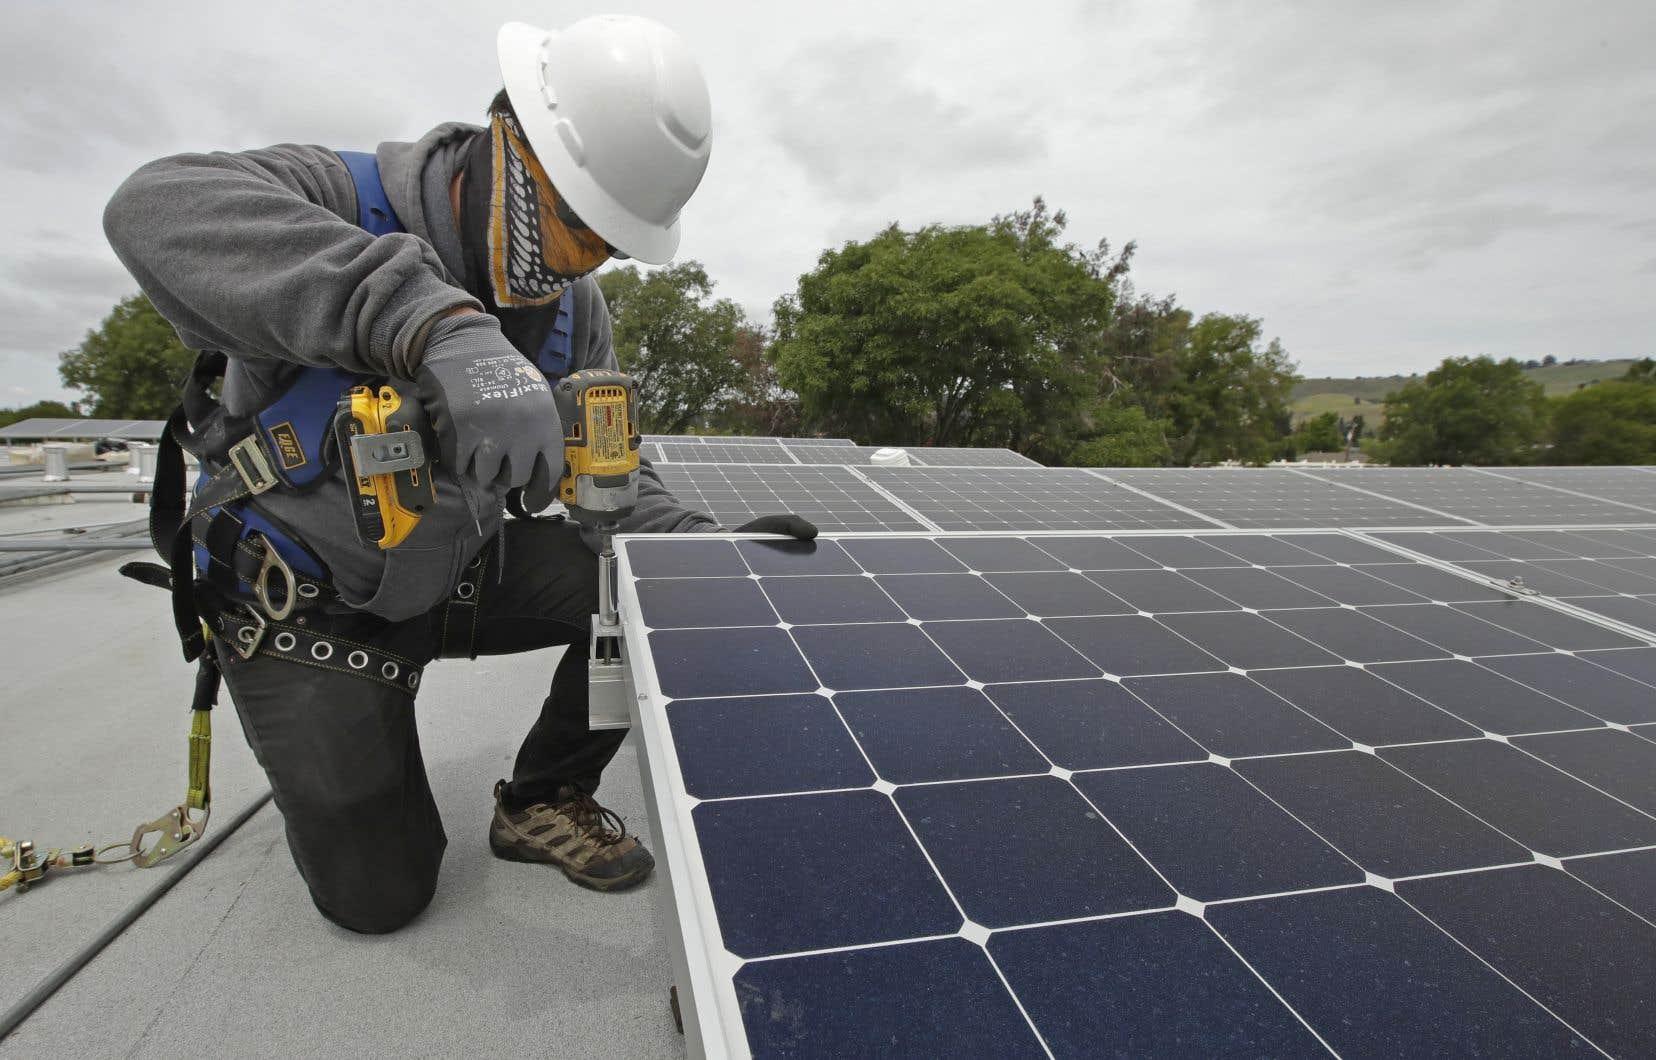 Cette année, pendant que les énergies fossiles s'effondraient, les capacités de production nouvelles ont porté à près de 90% sur des énergies renouvelables, tirées par le solaire, l'éolien et l'hydroélectricité, notamment aux États-Unis et en Chine.